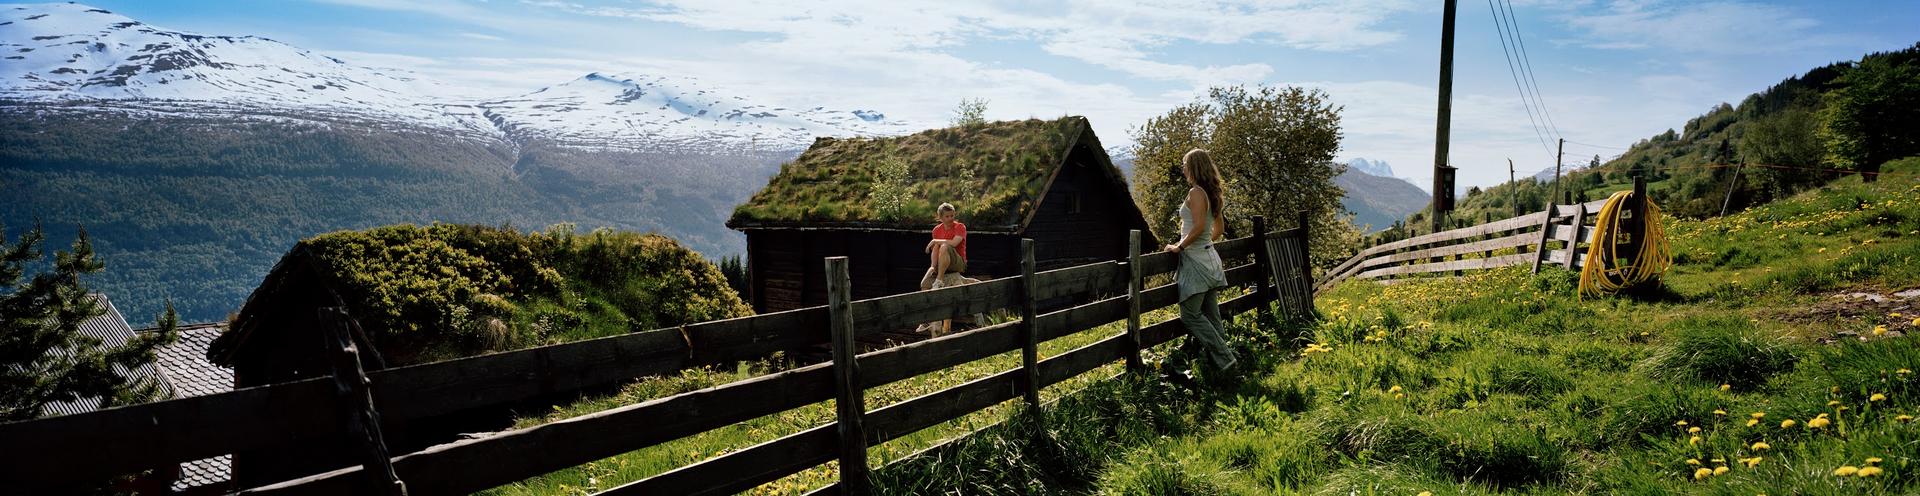 jensenreisen_header_unternehmen-FjellNorwegen